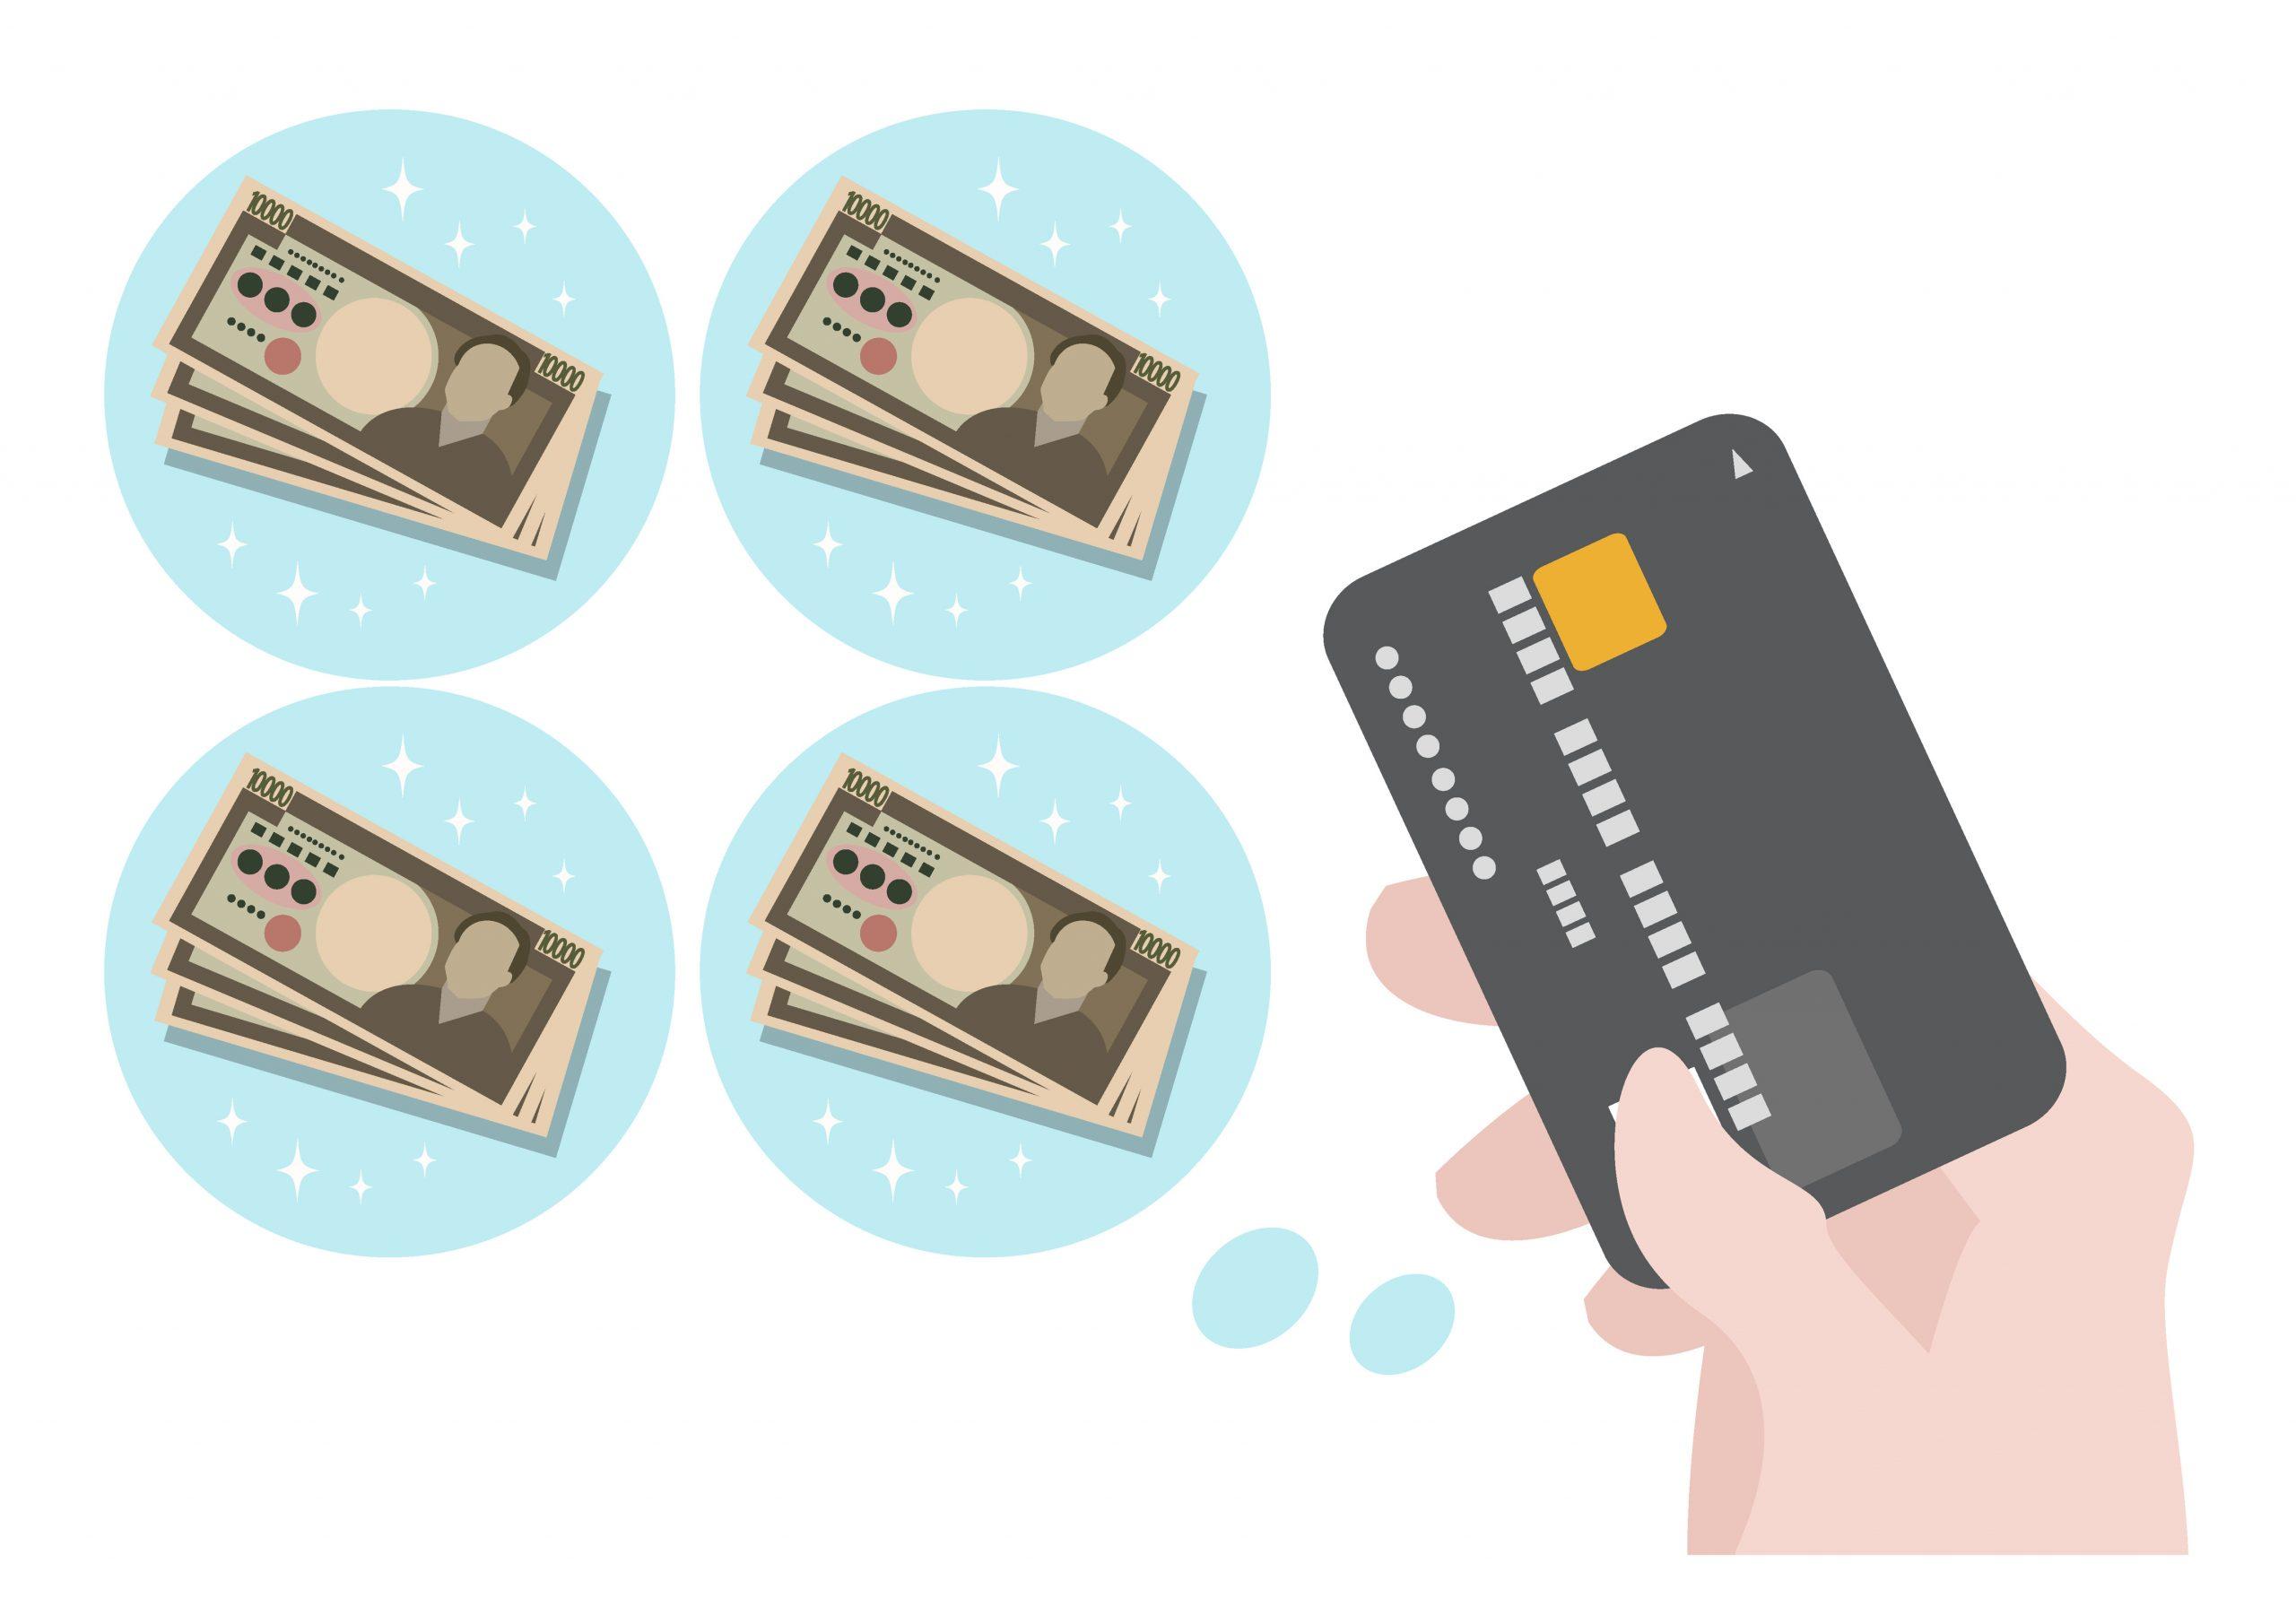 クレジットカード 現金化 分割払い